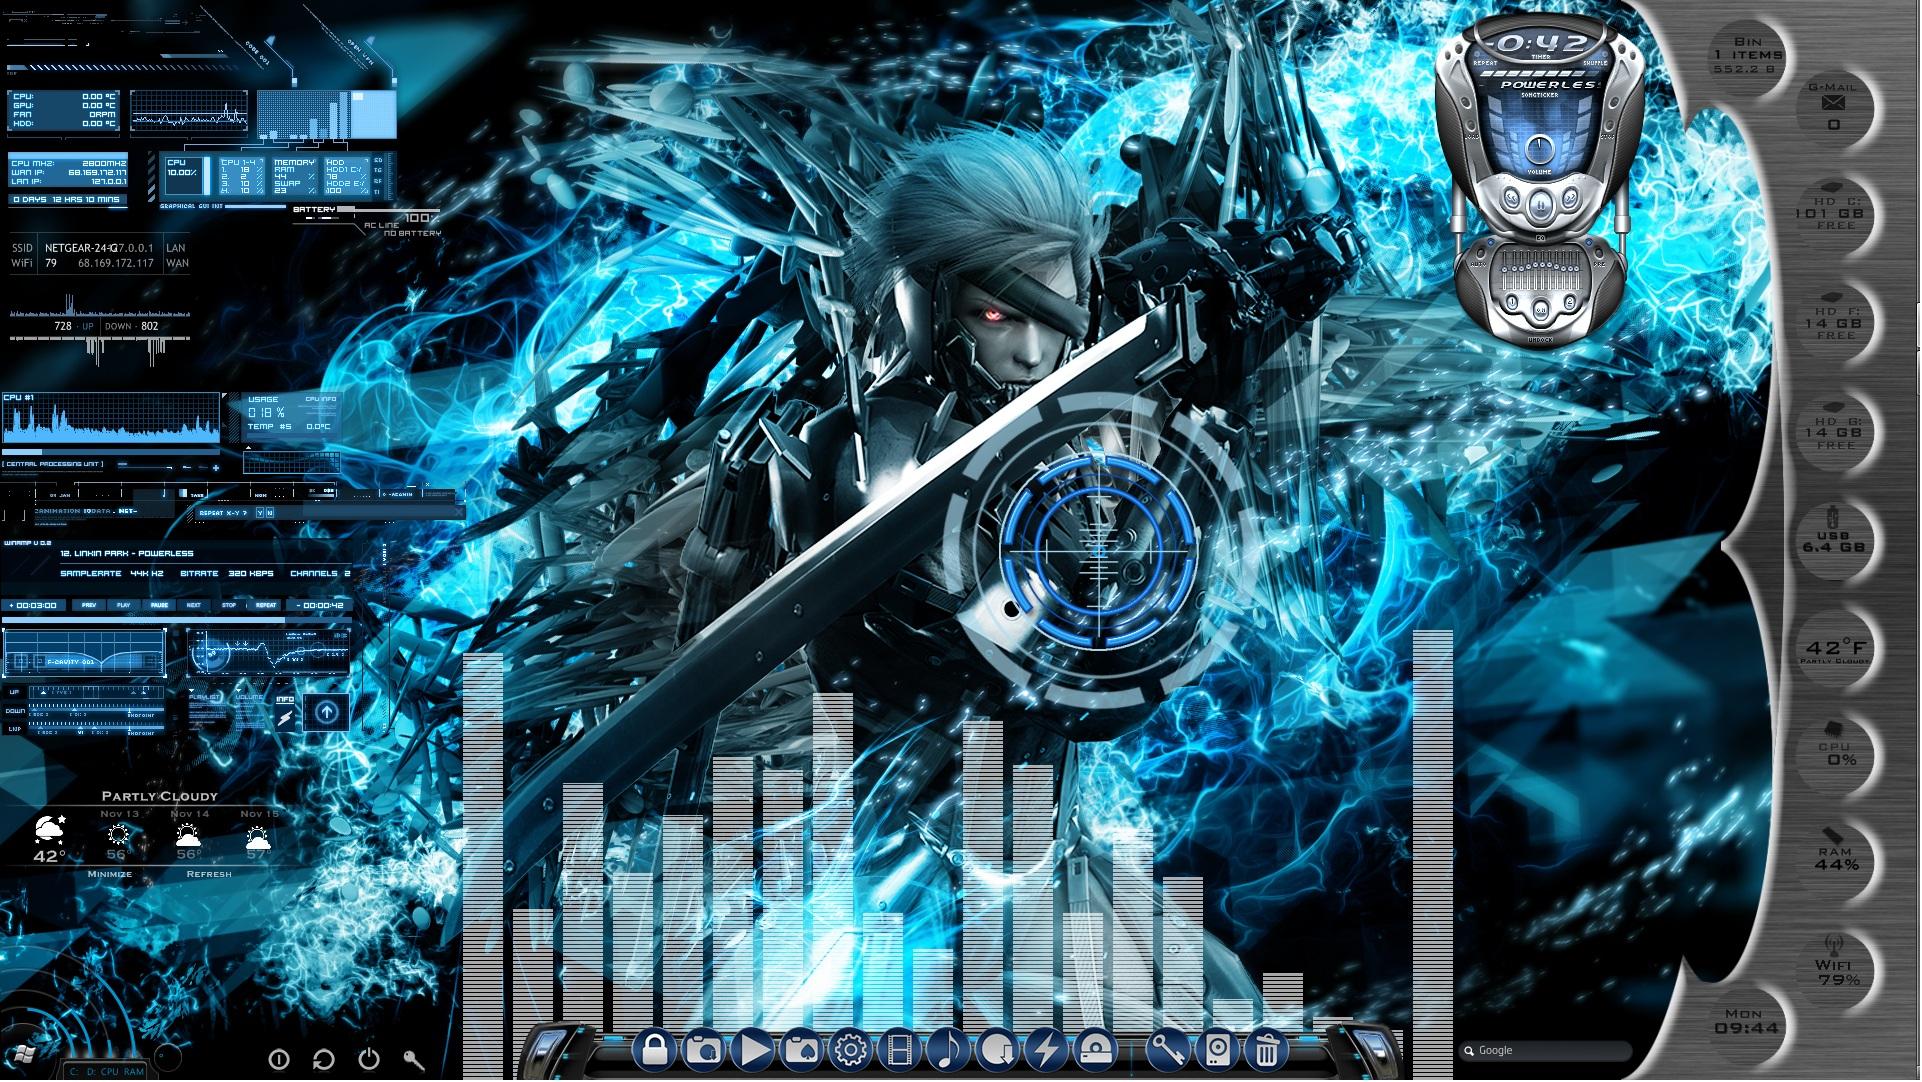 Metal Gear Rising Animated Desktop for Rainmeter